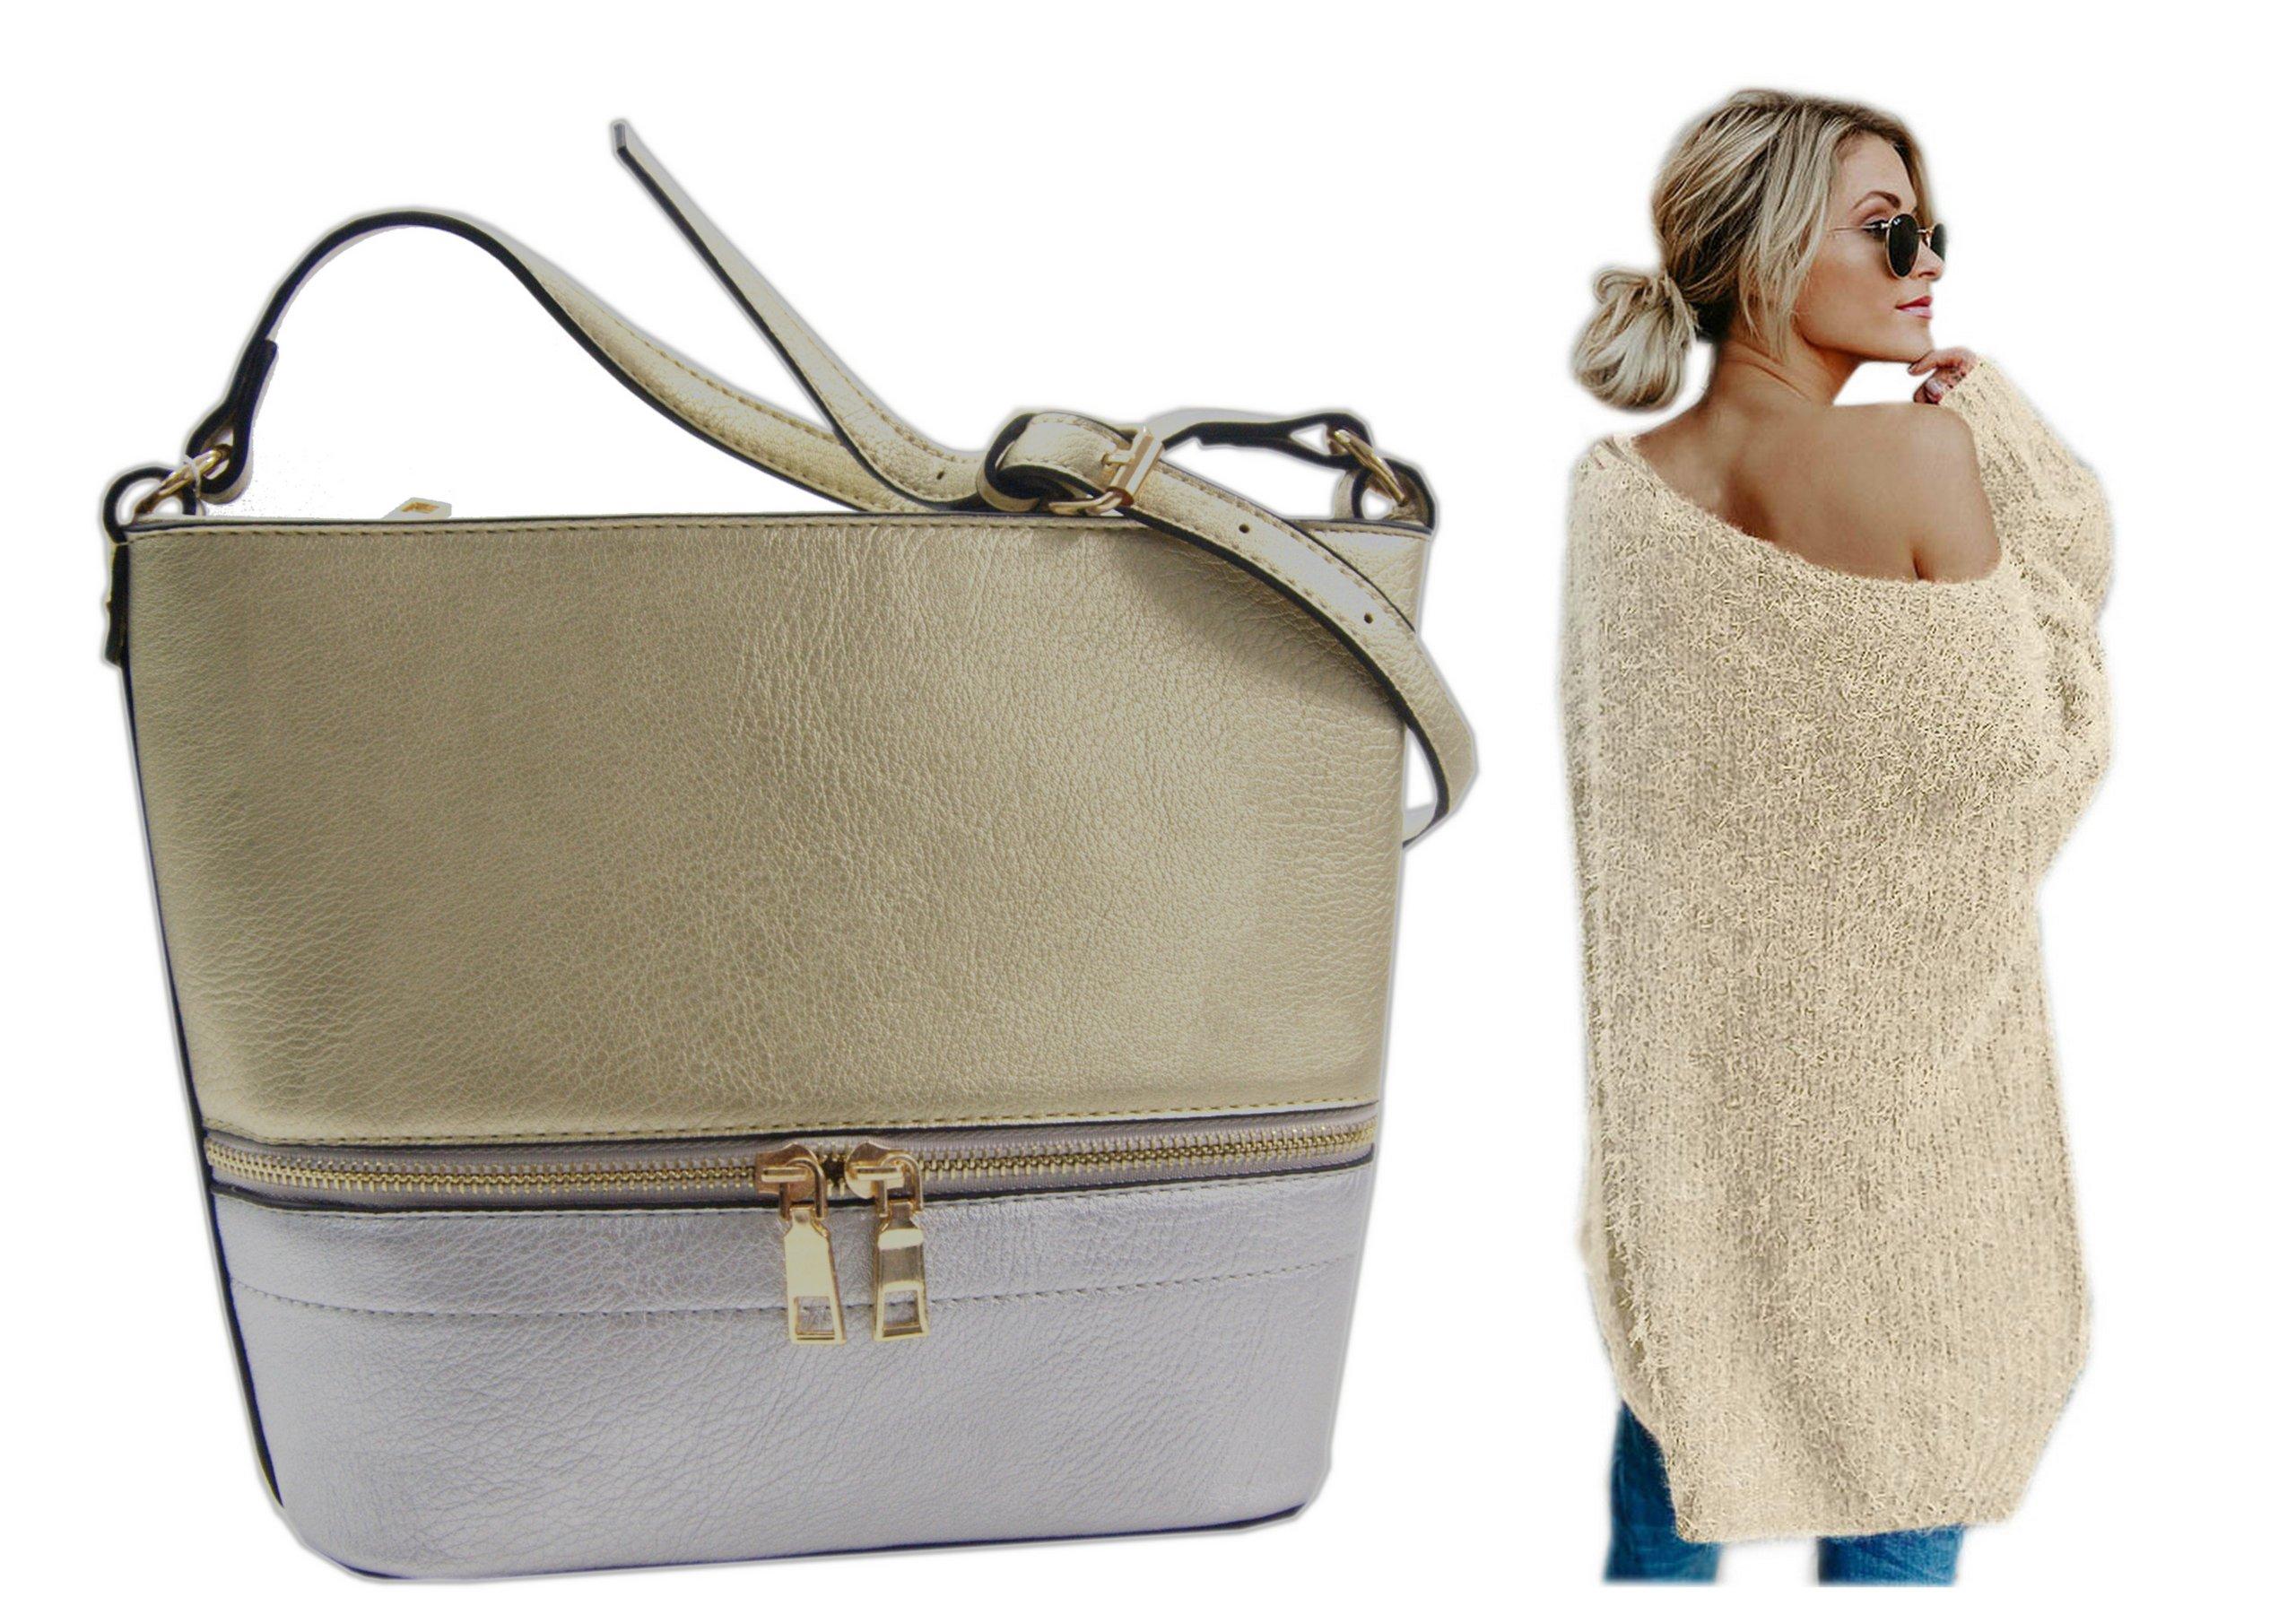 3656892fcc6a6 Mała torebka na ramie kuferek złota PROMOCJA - 7209391227 ...